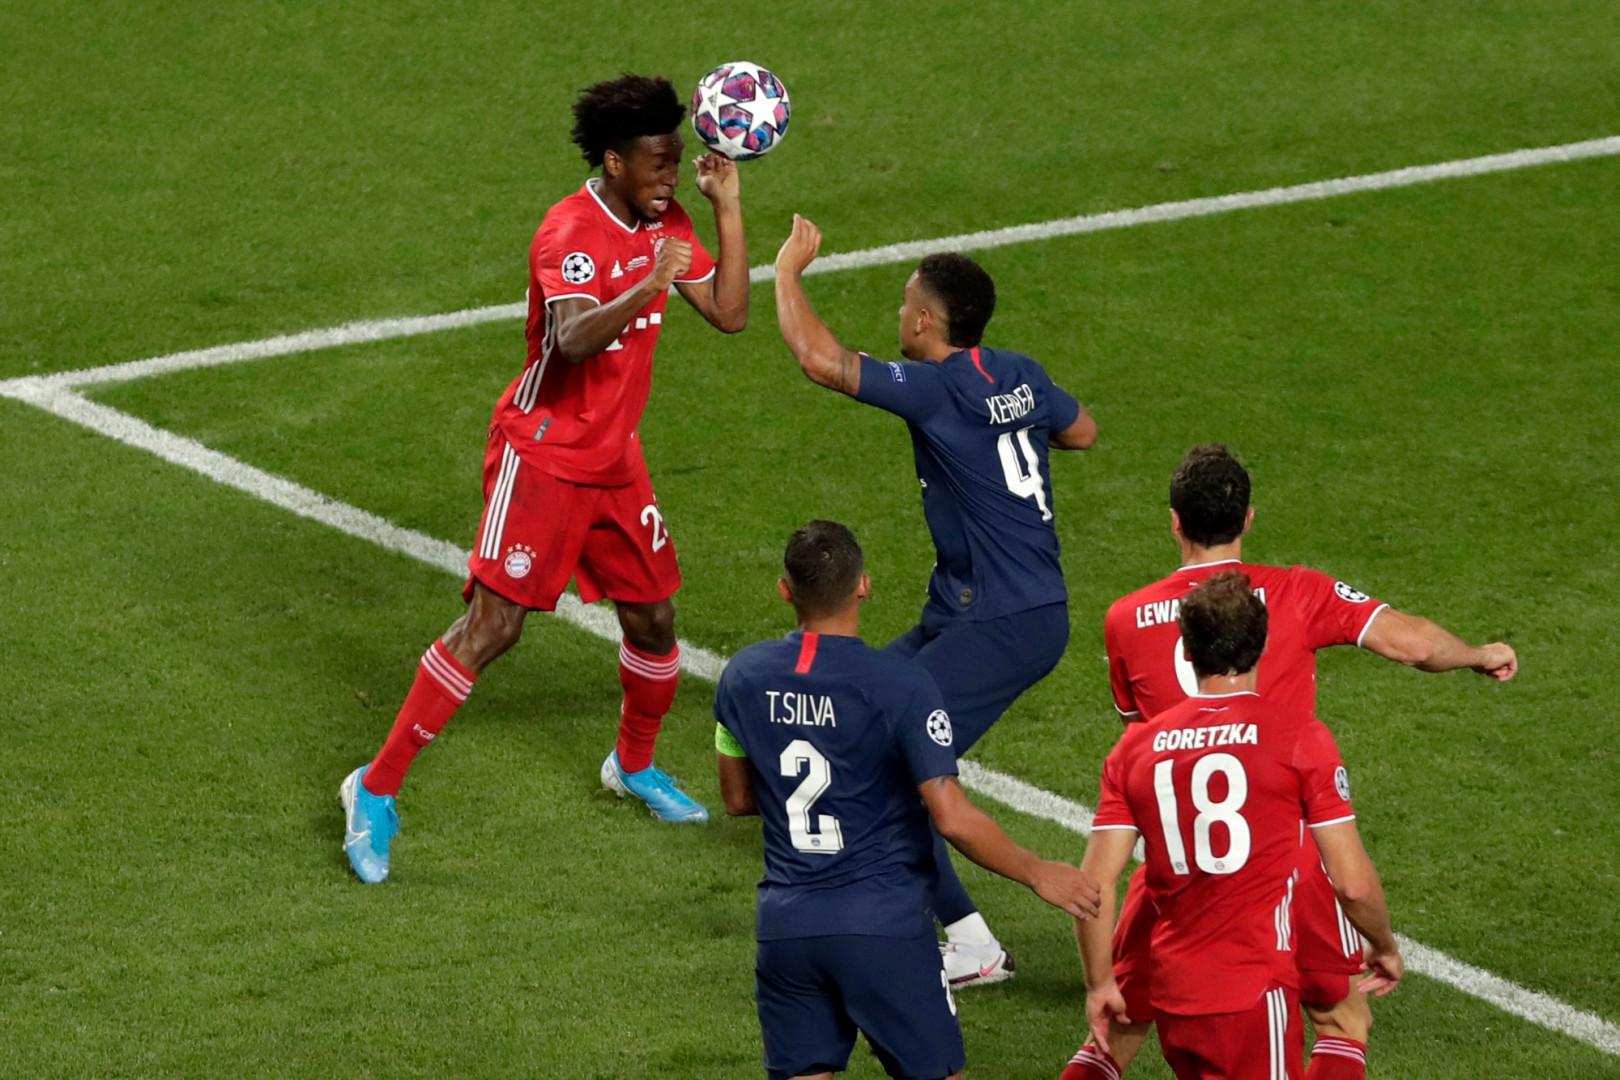 23 août : Kingsley Coman offre la victoire au Bayern Munich en finale face au Parisiens